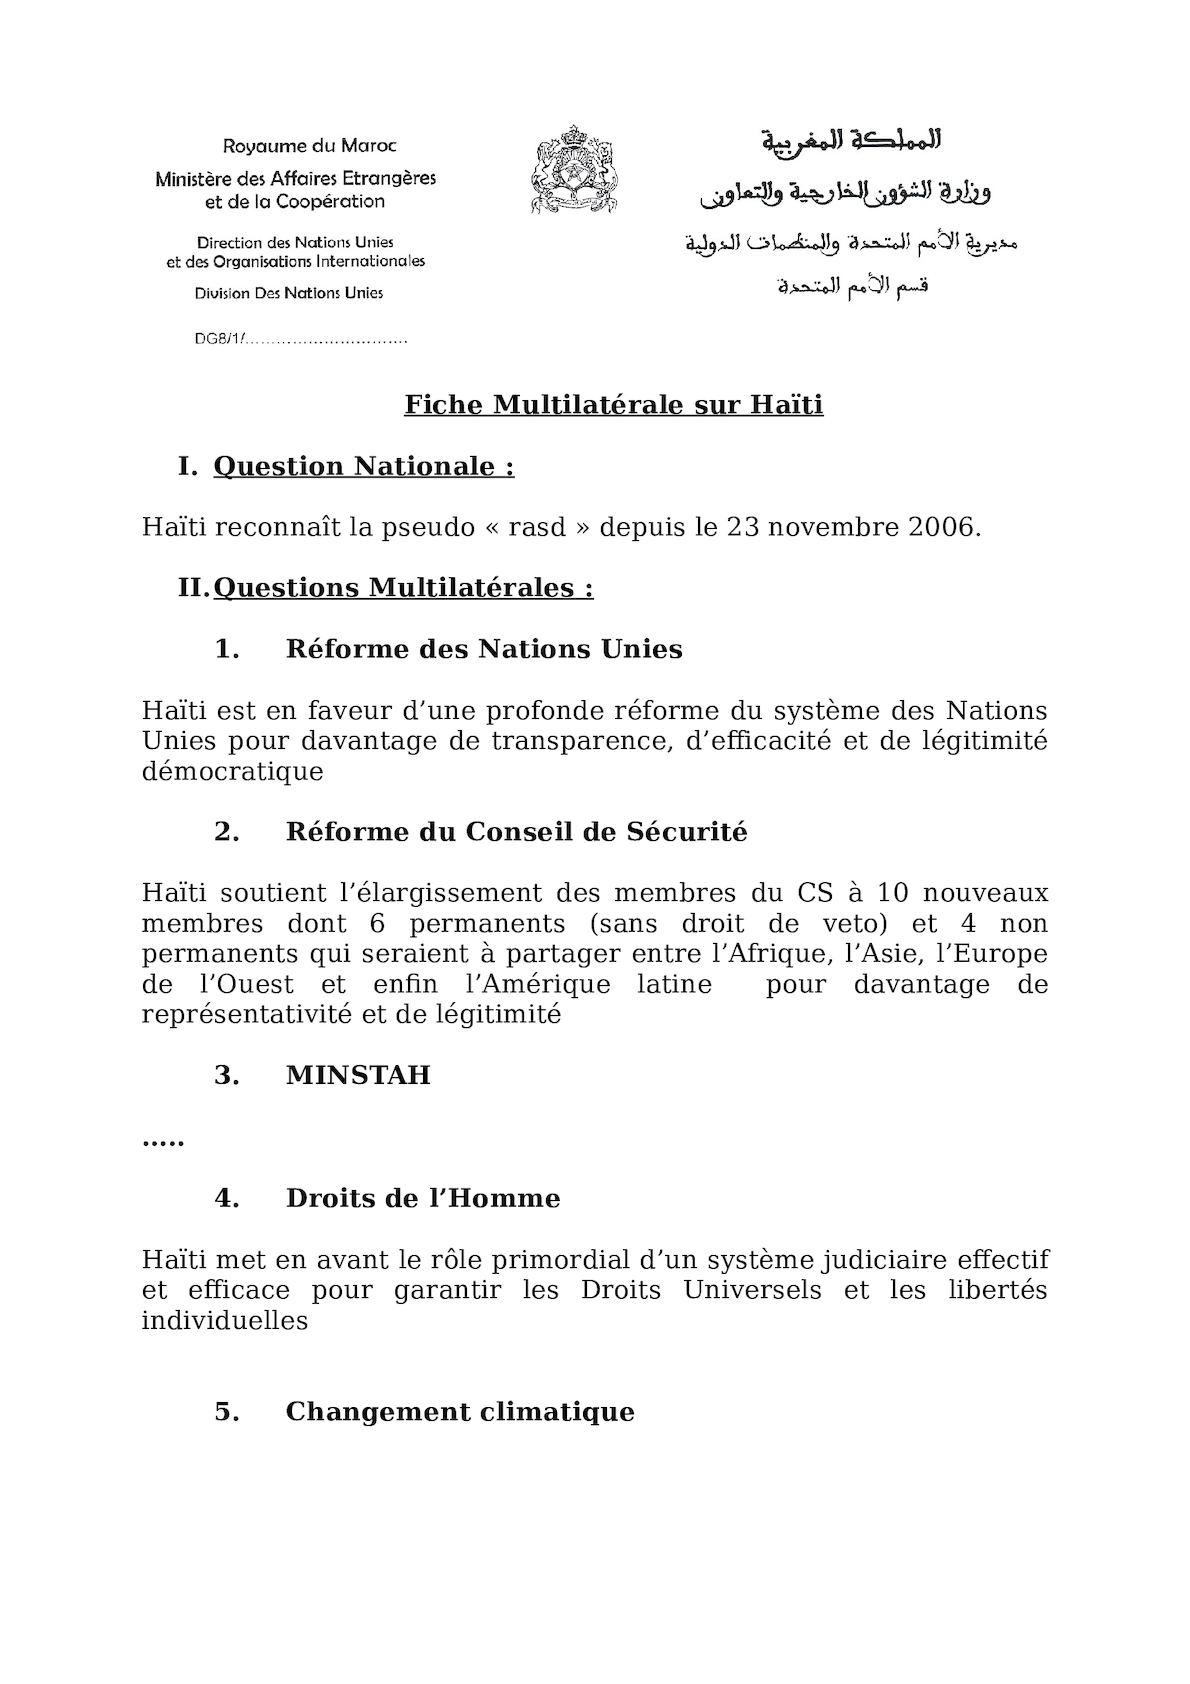 Fiche Multilatérale Haïti